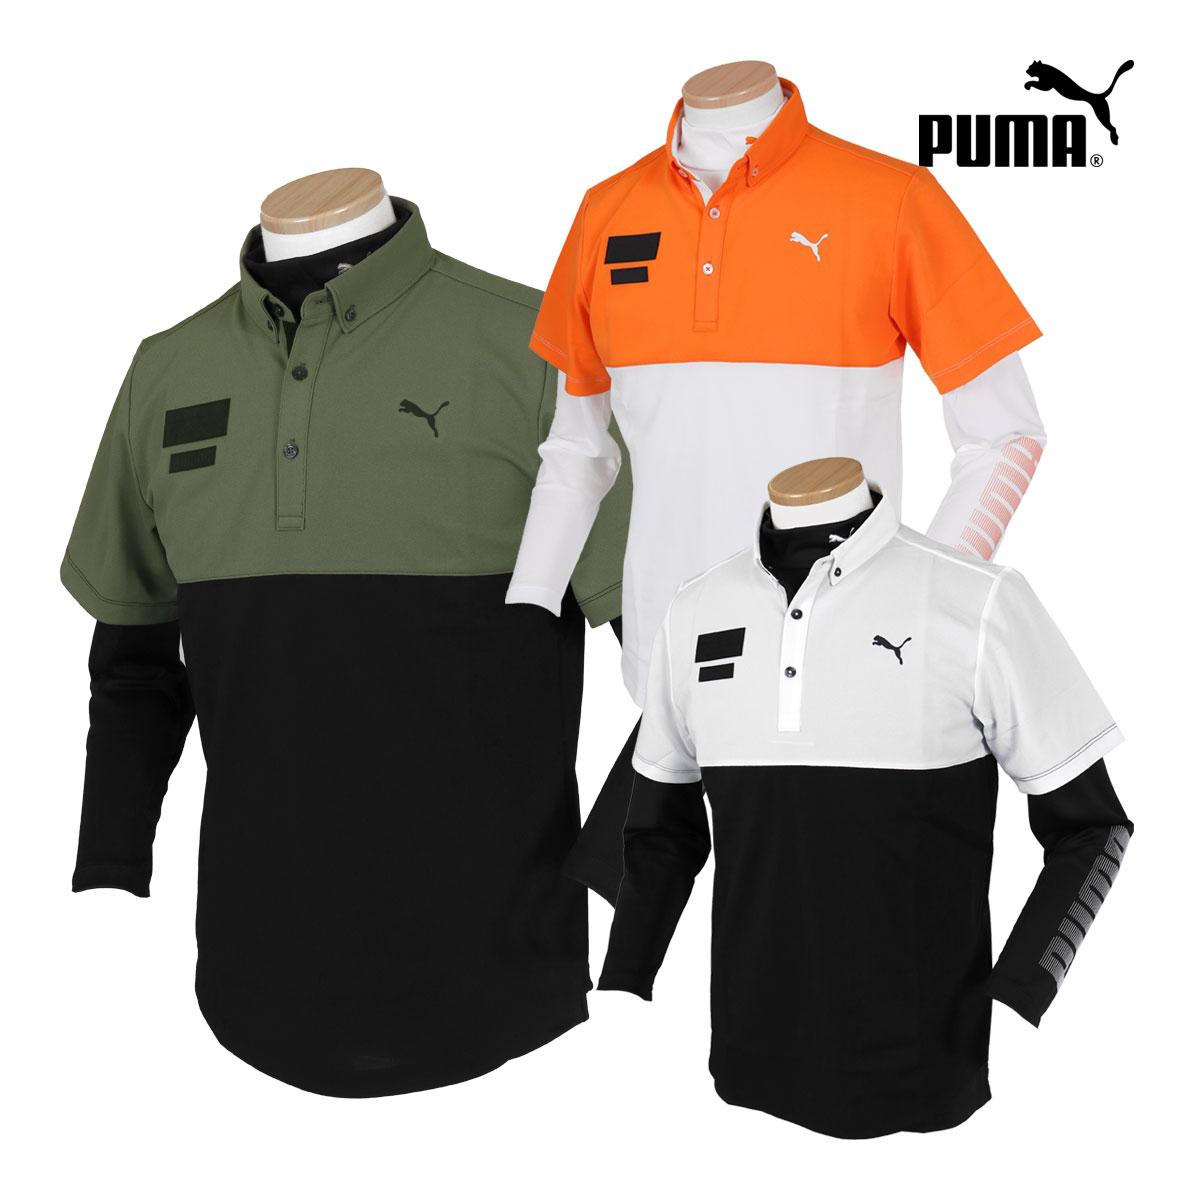 PUMAGOLF プーマゴルフ 2020春夏モデルウエア 2in1 セットシャツ 930071 ビッグサイズ 【あす楽対応】